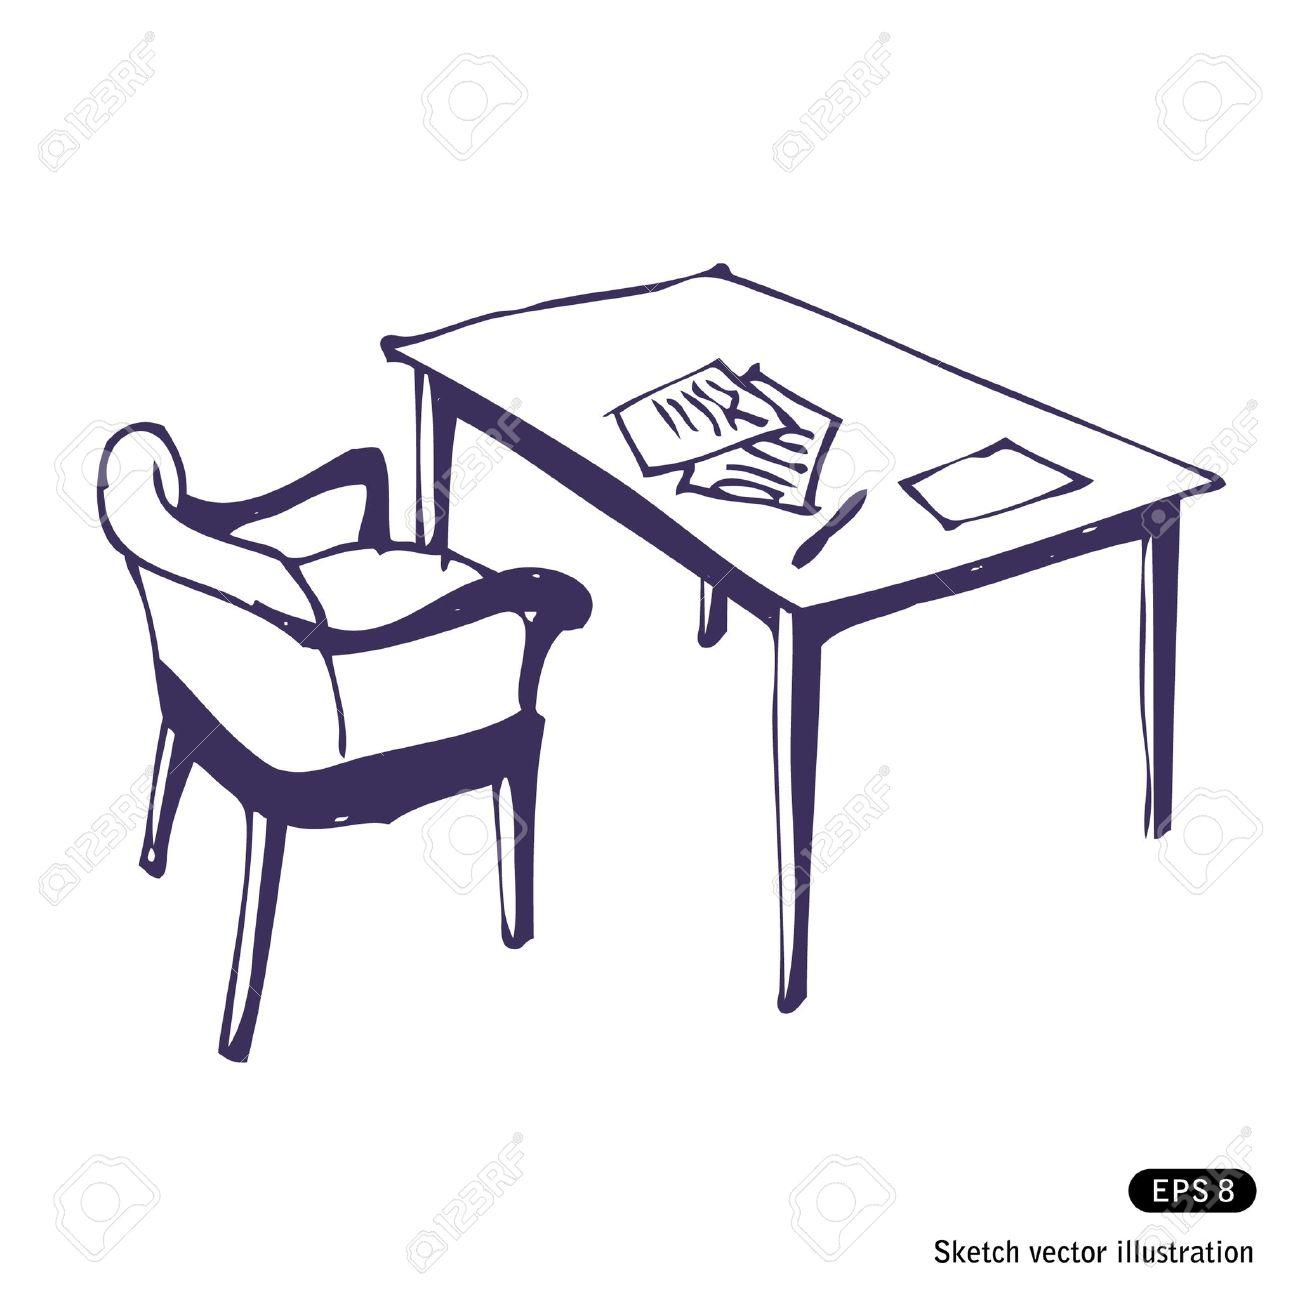 Schreibtisch gezeichnet  Hand Drawn Desk And Chair. Isolated On White Royalty Free Cliparts ...